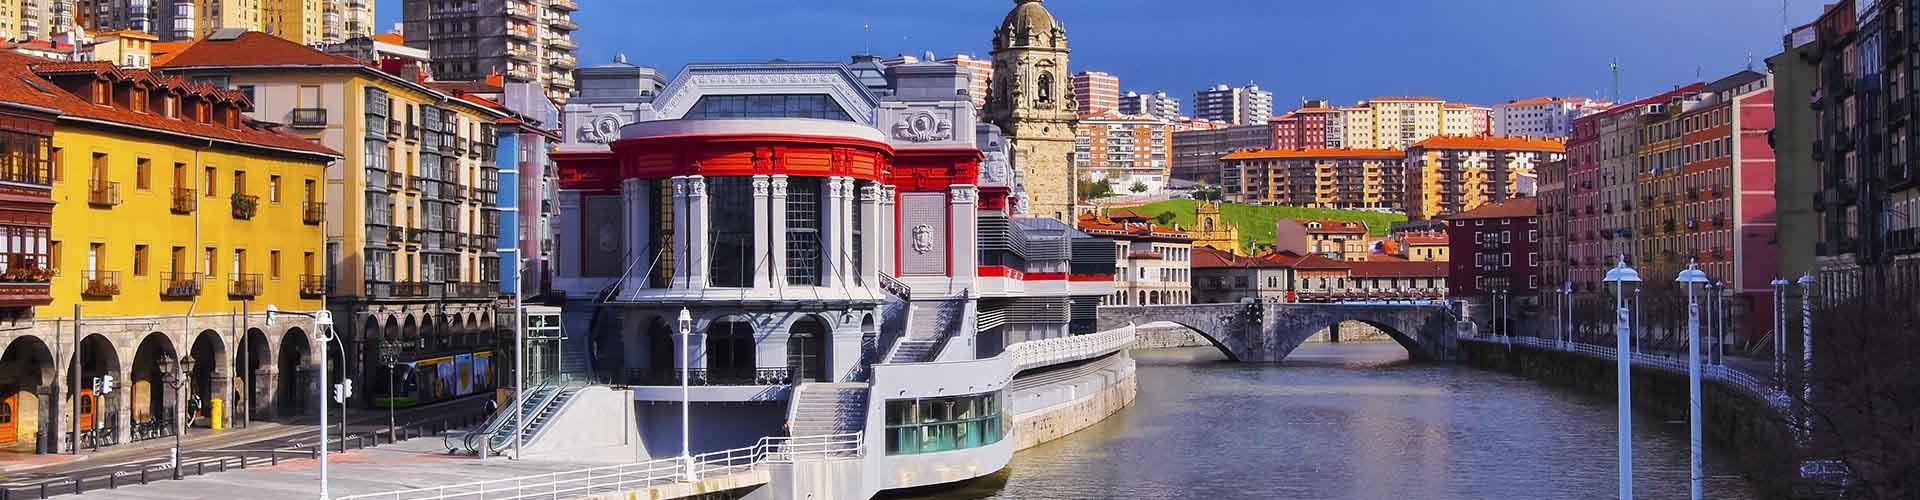 Bilbao - Campamentos cerca a Museo Guggenheim. Mapas de Bilbao, Fotos y comentarios de cada Campamento en Bilbao.